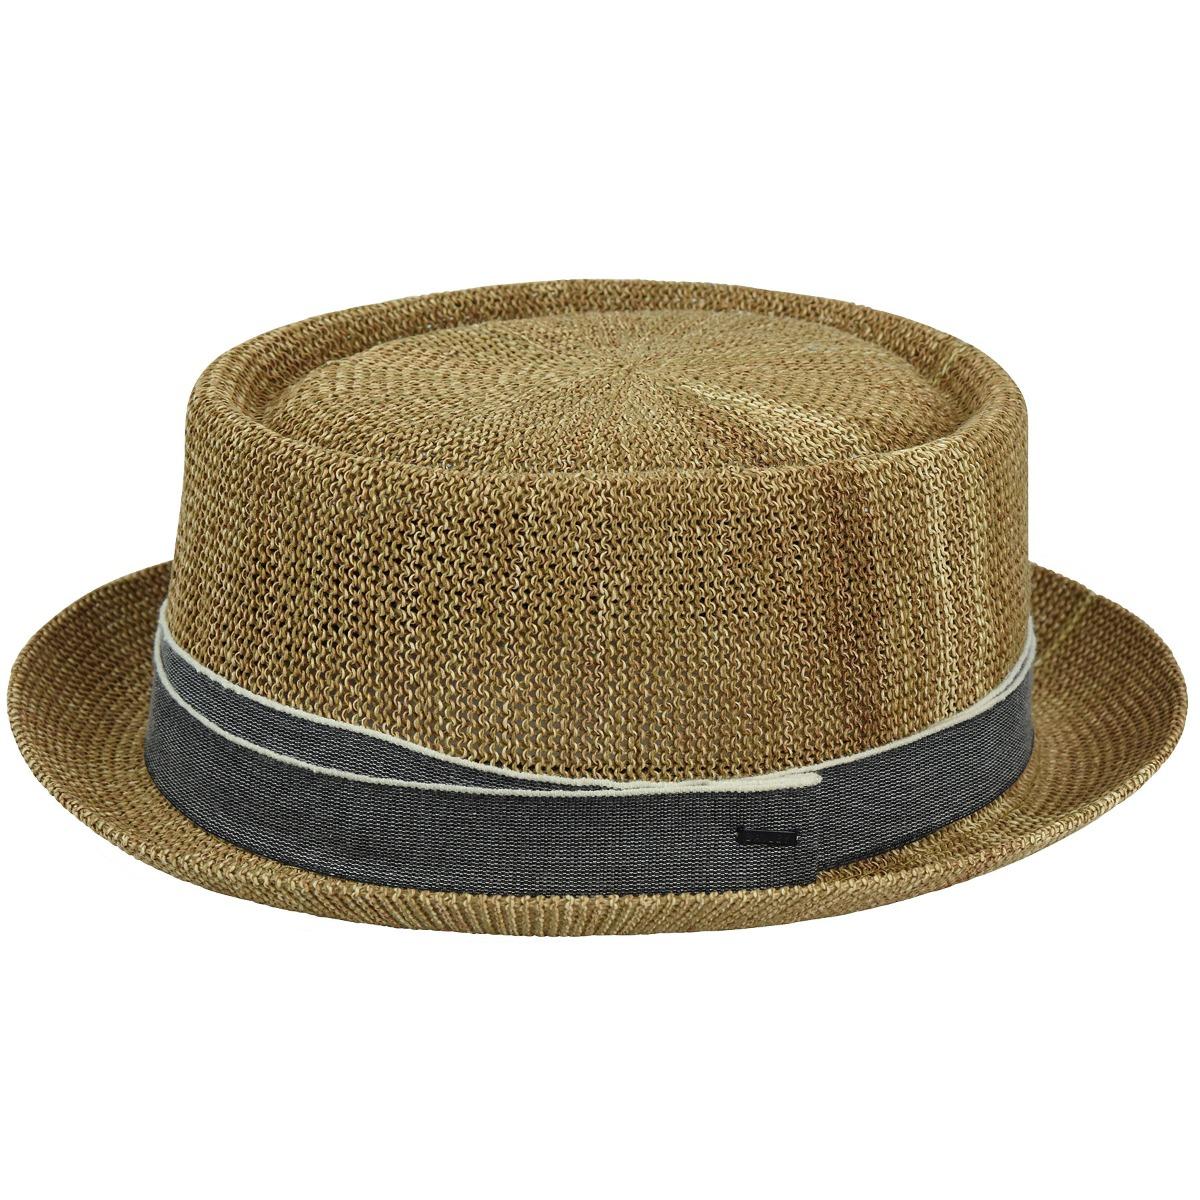 1950s Mens Hats | 50s Vintage Men's Hats Runkle Straw Pork Pie $80.00 AT vintagedancer.com